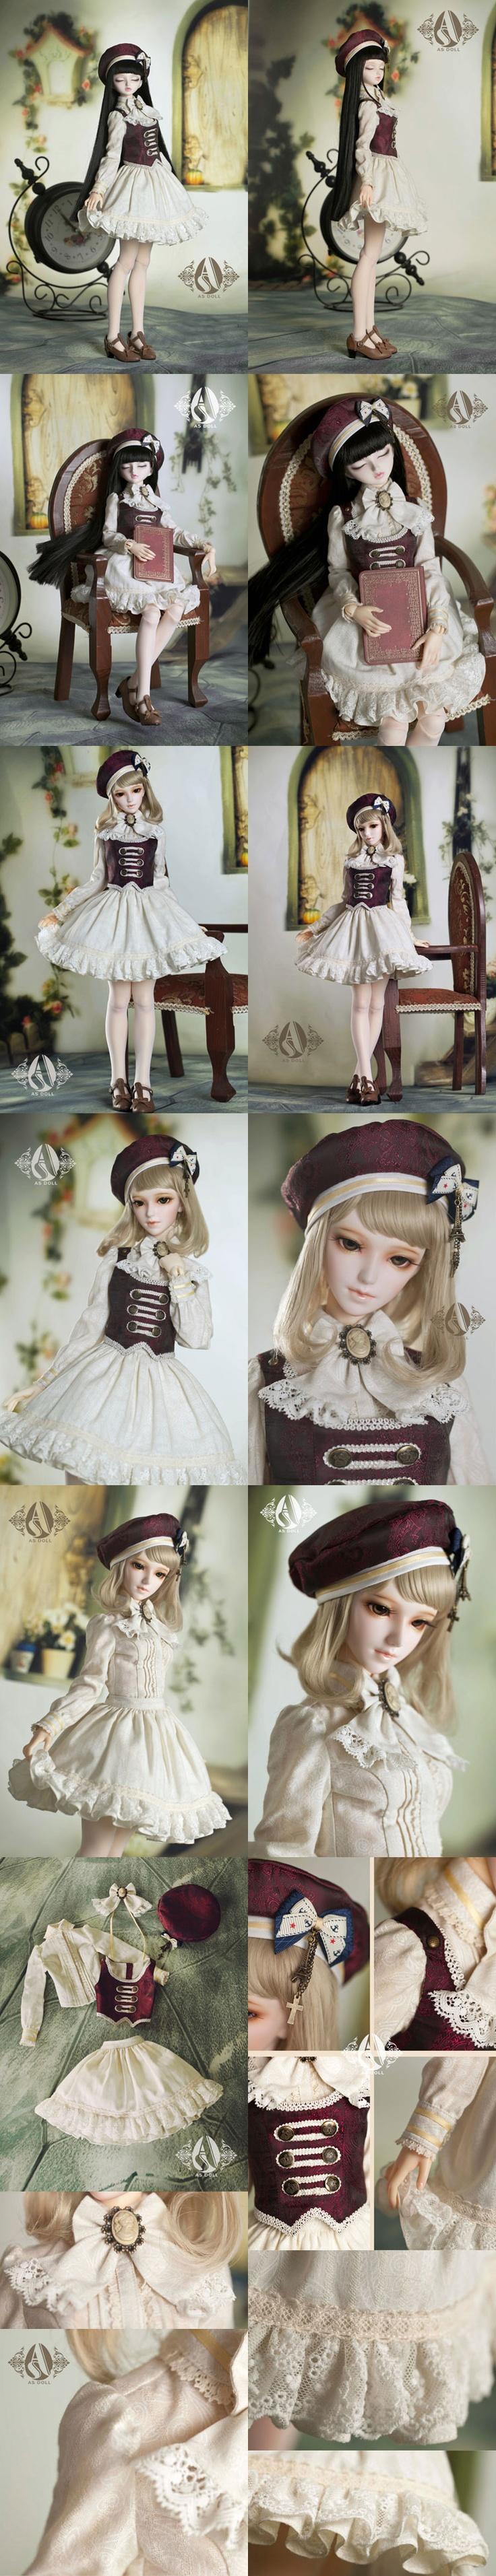 ドール服 SDサイズ人形衣装 海軍服(女) CL3120723_SDサイズ人形用_SDサイズ人形用_人形衣装_球体関節人形、BJD、ドール服、人形ウィッグ、Wig、着せ替え人形、ドール靴、ボディなどを販売するの総合人形通販店